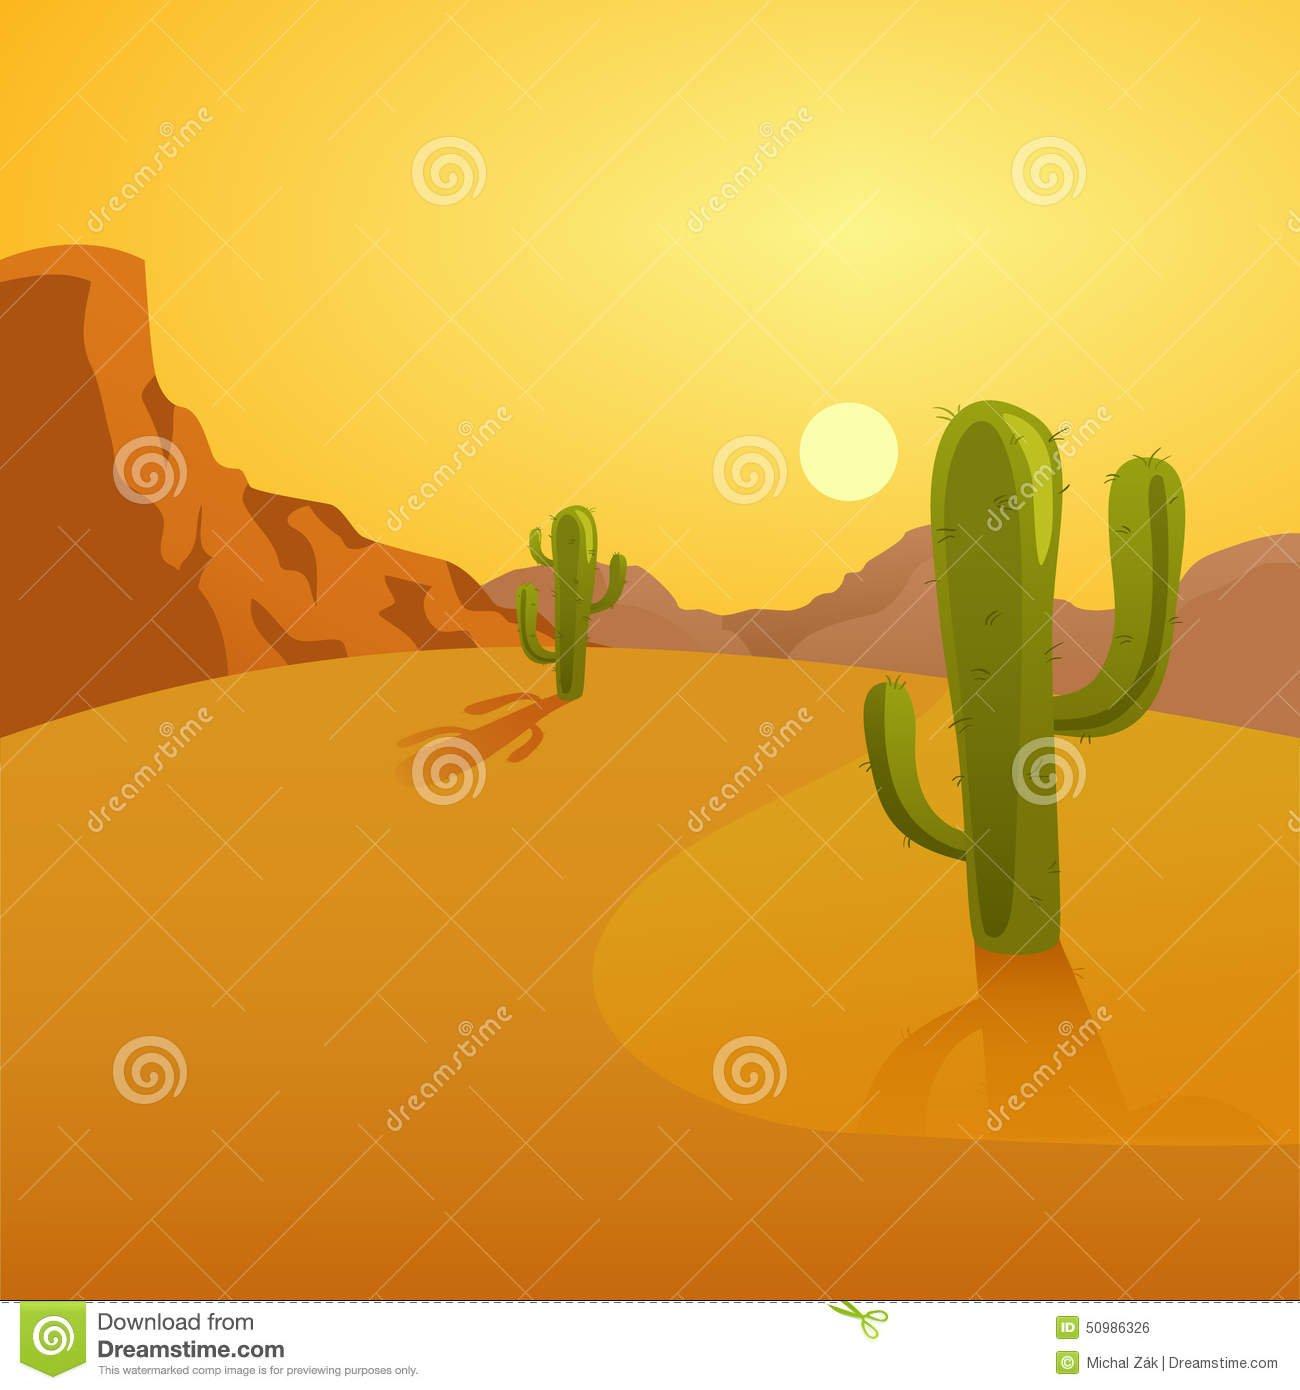 Ilustração Dos Desenhos Animados De Um Fundo Do Deserto Com Cactos